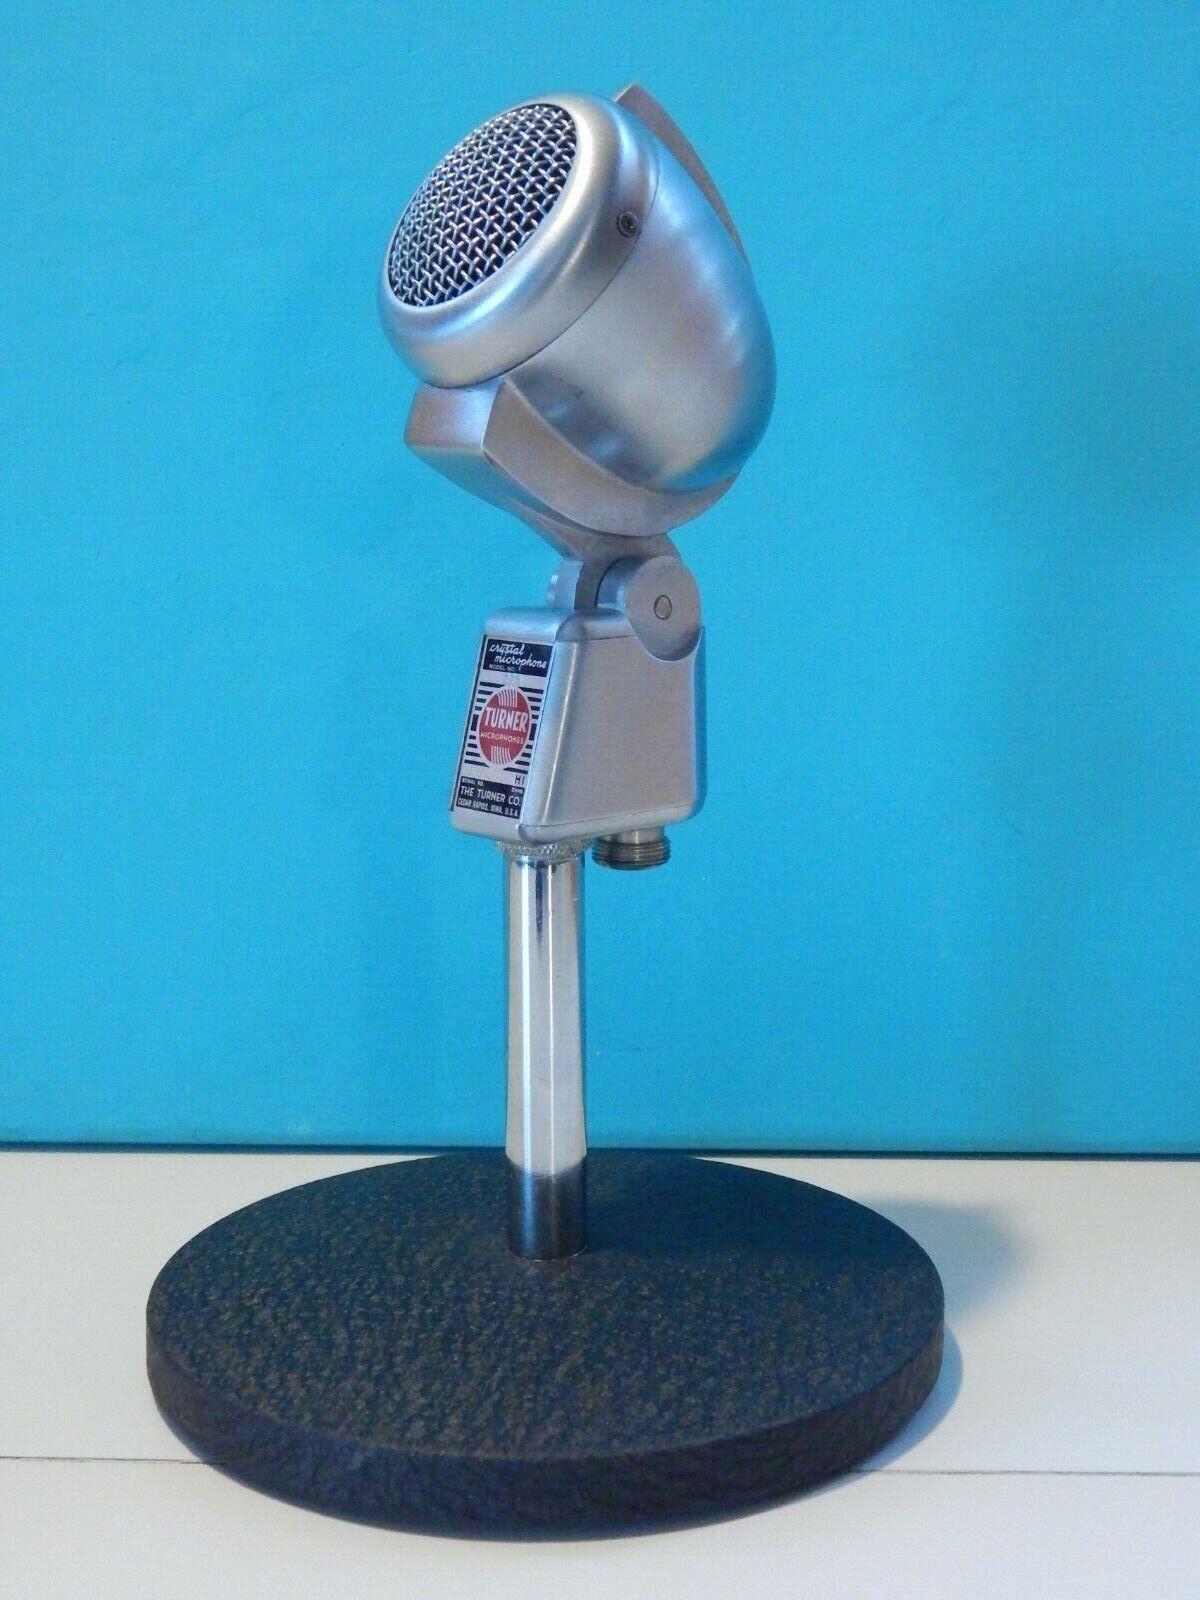 Vintage 1950S Sintonizador 22X Micrófono y soporte Shure Electro Voice Voice Voice Antiguo Deco  para proporcionarle una compra en línea agradable